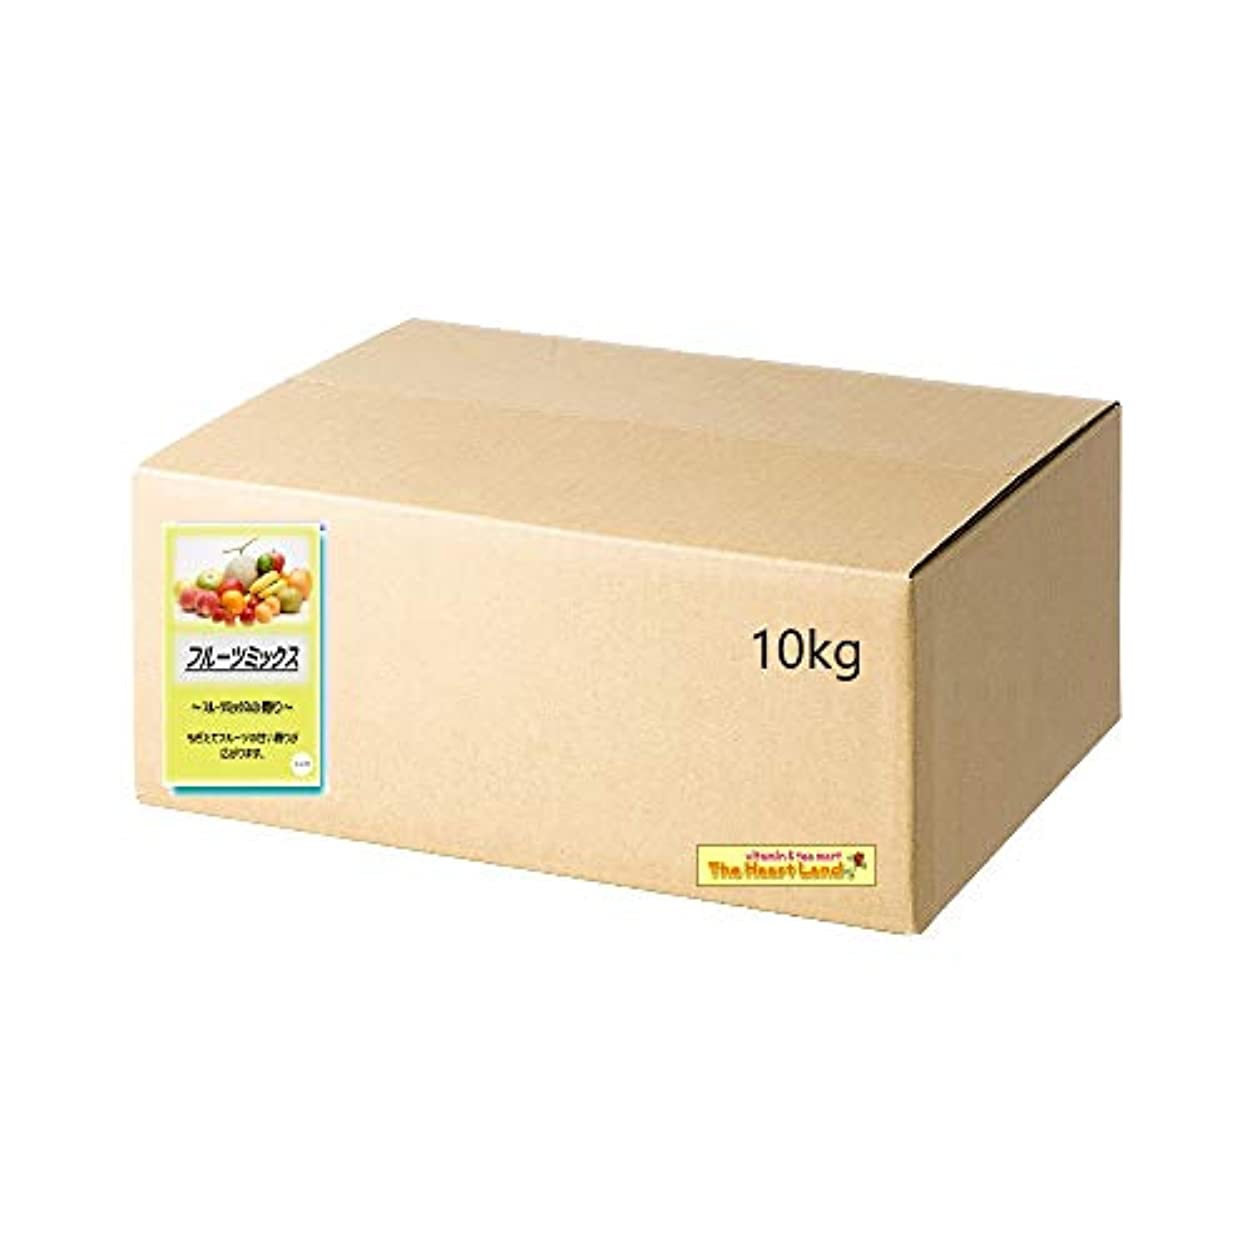 アラバマ衝撃クリークアサヒ入浴剤 浴用入浴化粧品 フルーツミックス 10kg